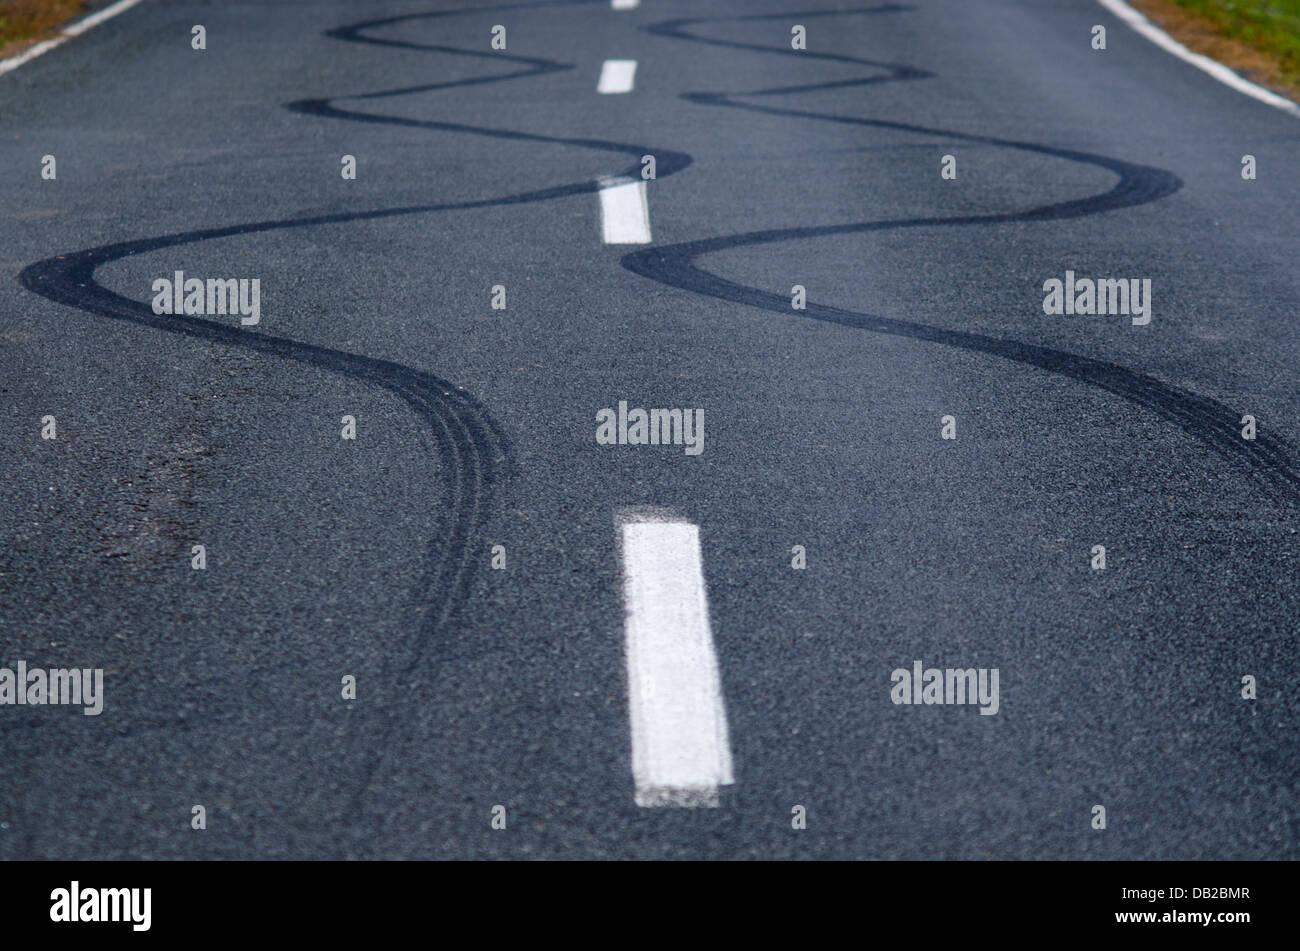 La liquidation des marques de dérapage d'un véhicule sur une route de la rue. Photo Stock